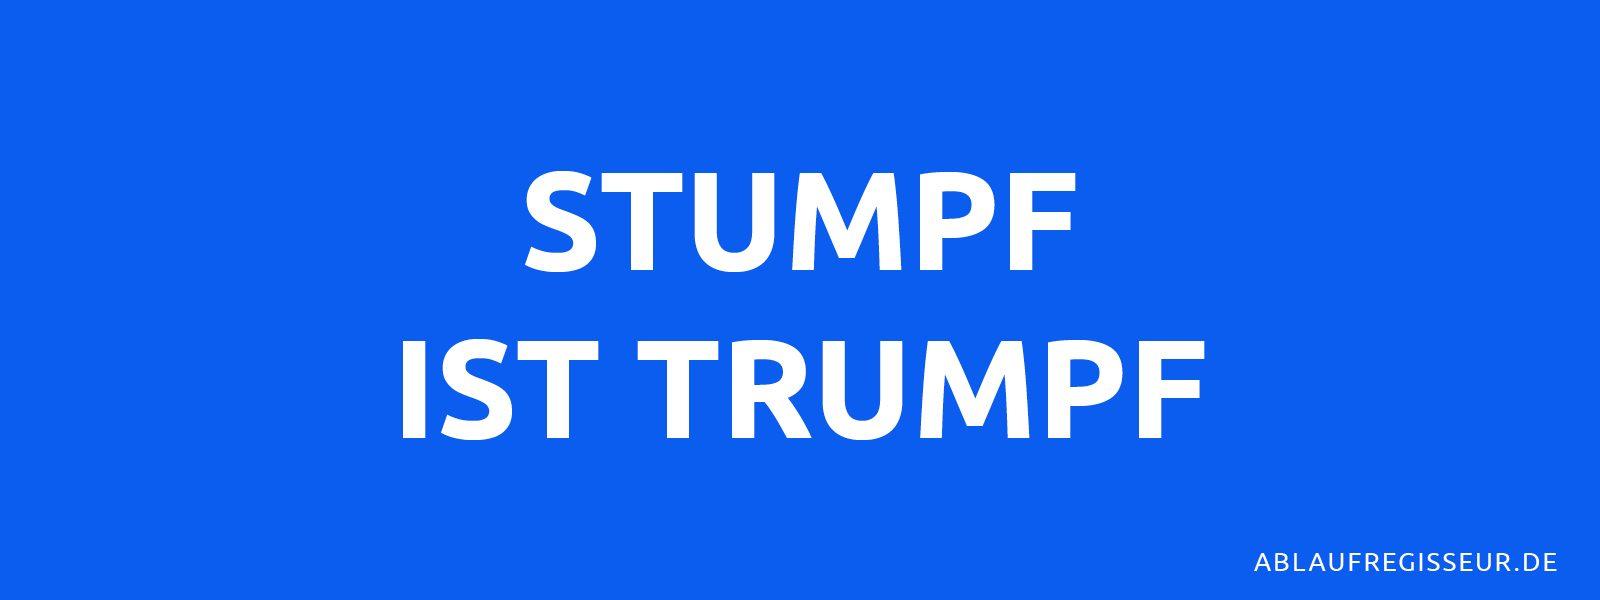 Stumpf ist Trumpf - Event Weisheiten